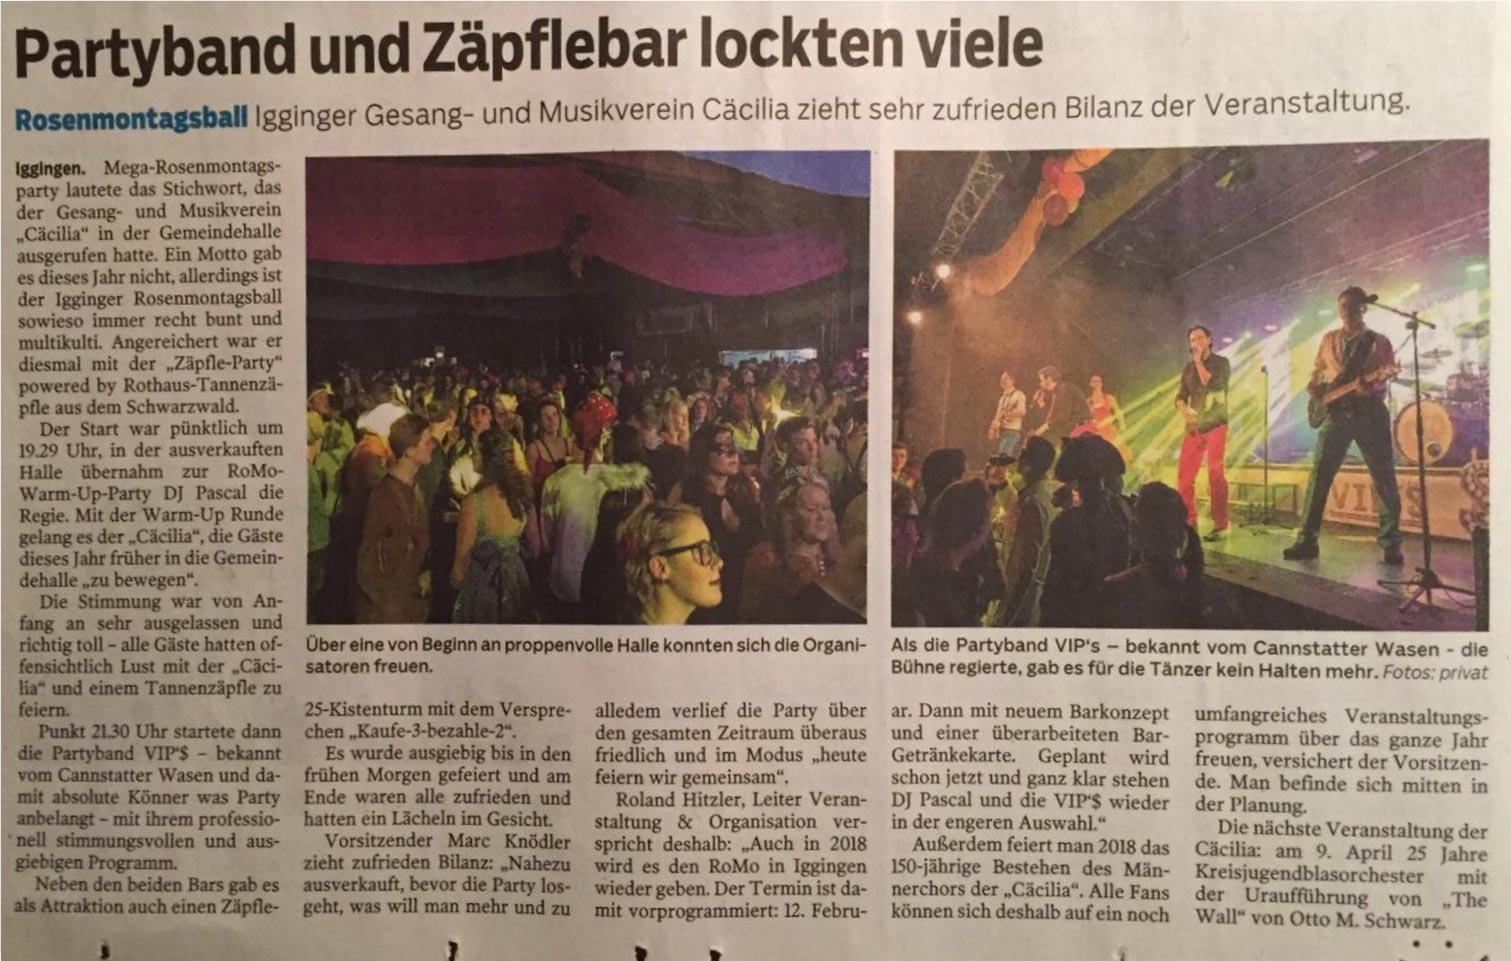 Remszeitung 2. März 2017